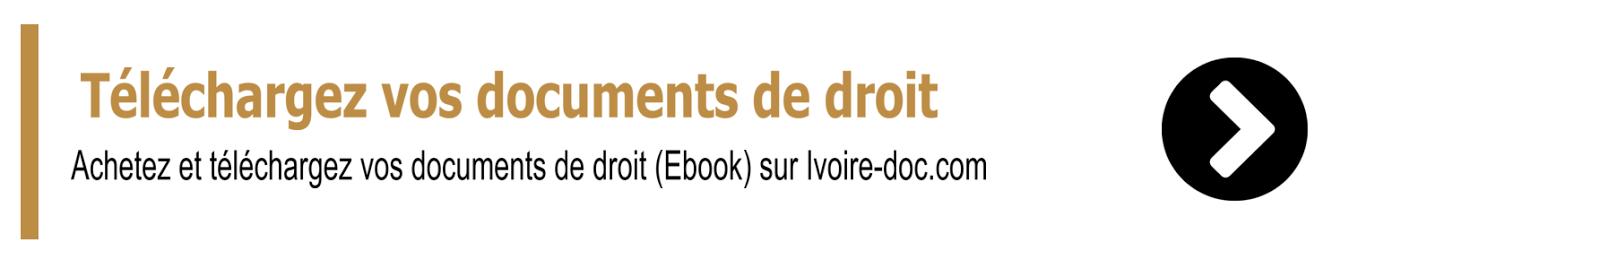 Achetez vos documents de droit ivoirien sur ivoire-doc.com